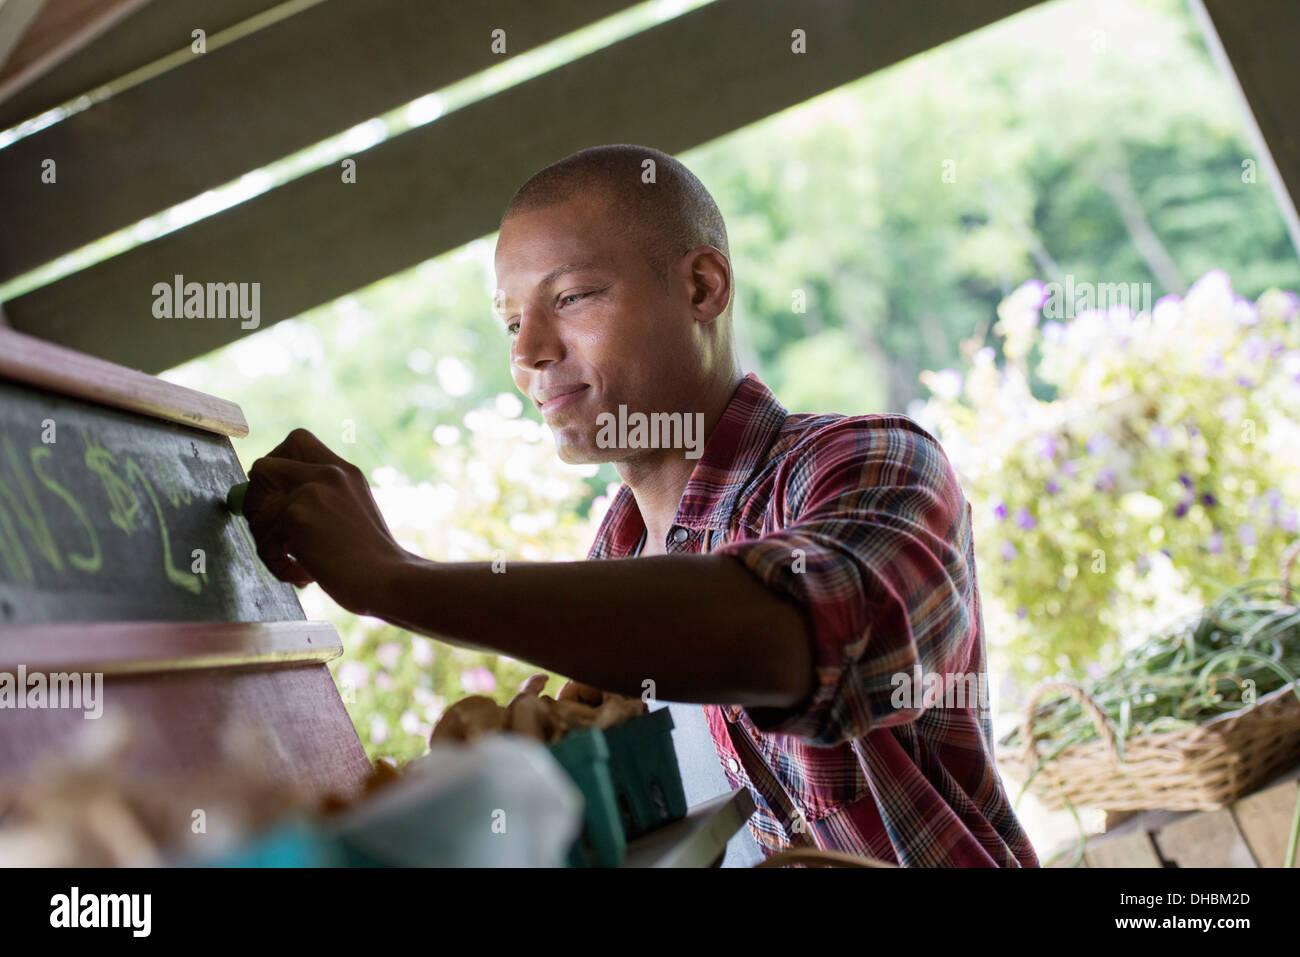 Ein Bio-Obst-Stand. Ein Mann, Kreiden, die Preise an die Tafel. Stockbild